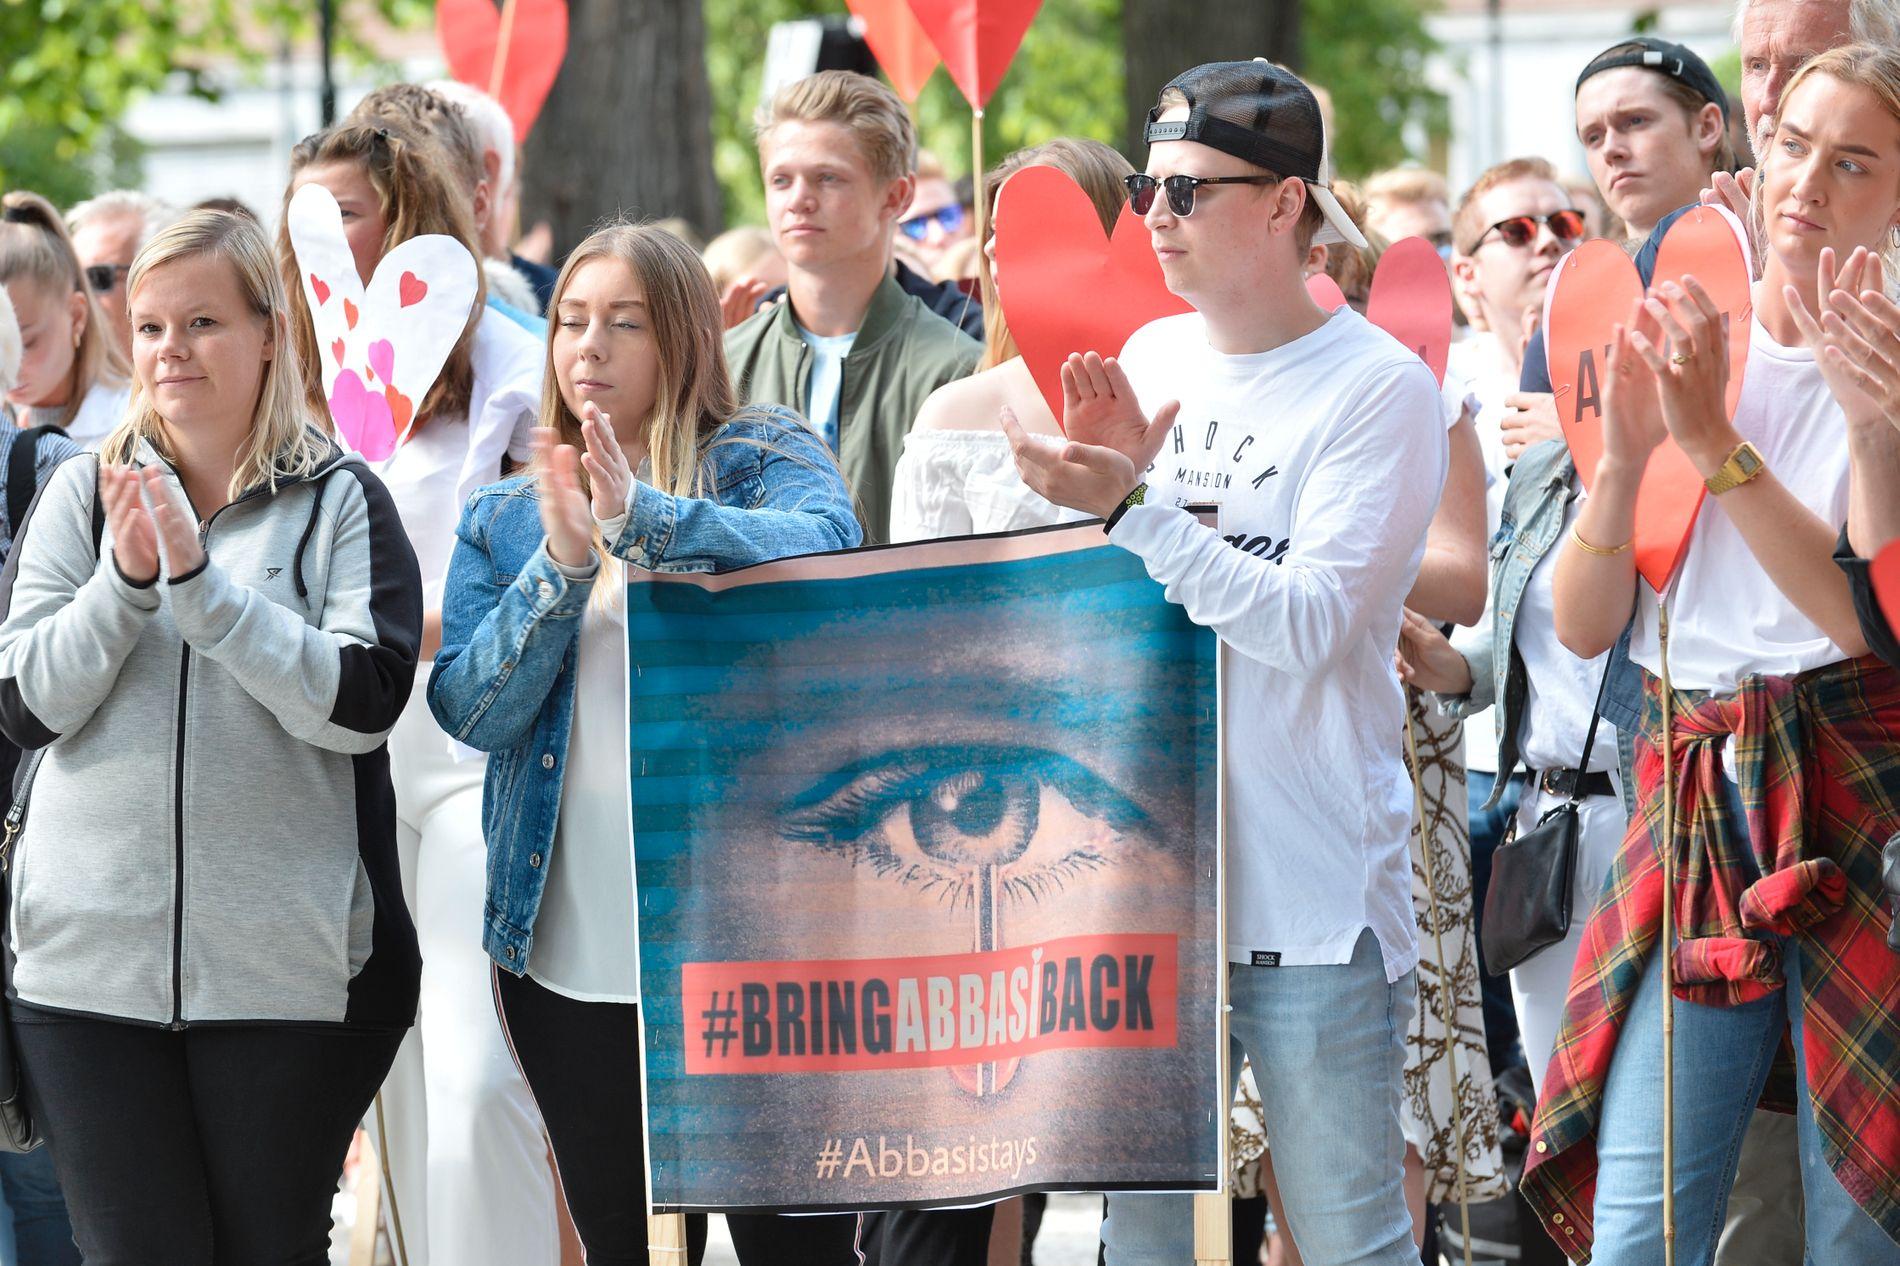 STORT OPPMØTE: Flere hundre mennesker møtte opp i Tordenskioldparken for å vise sin støtte for Abbasi-familien.